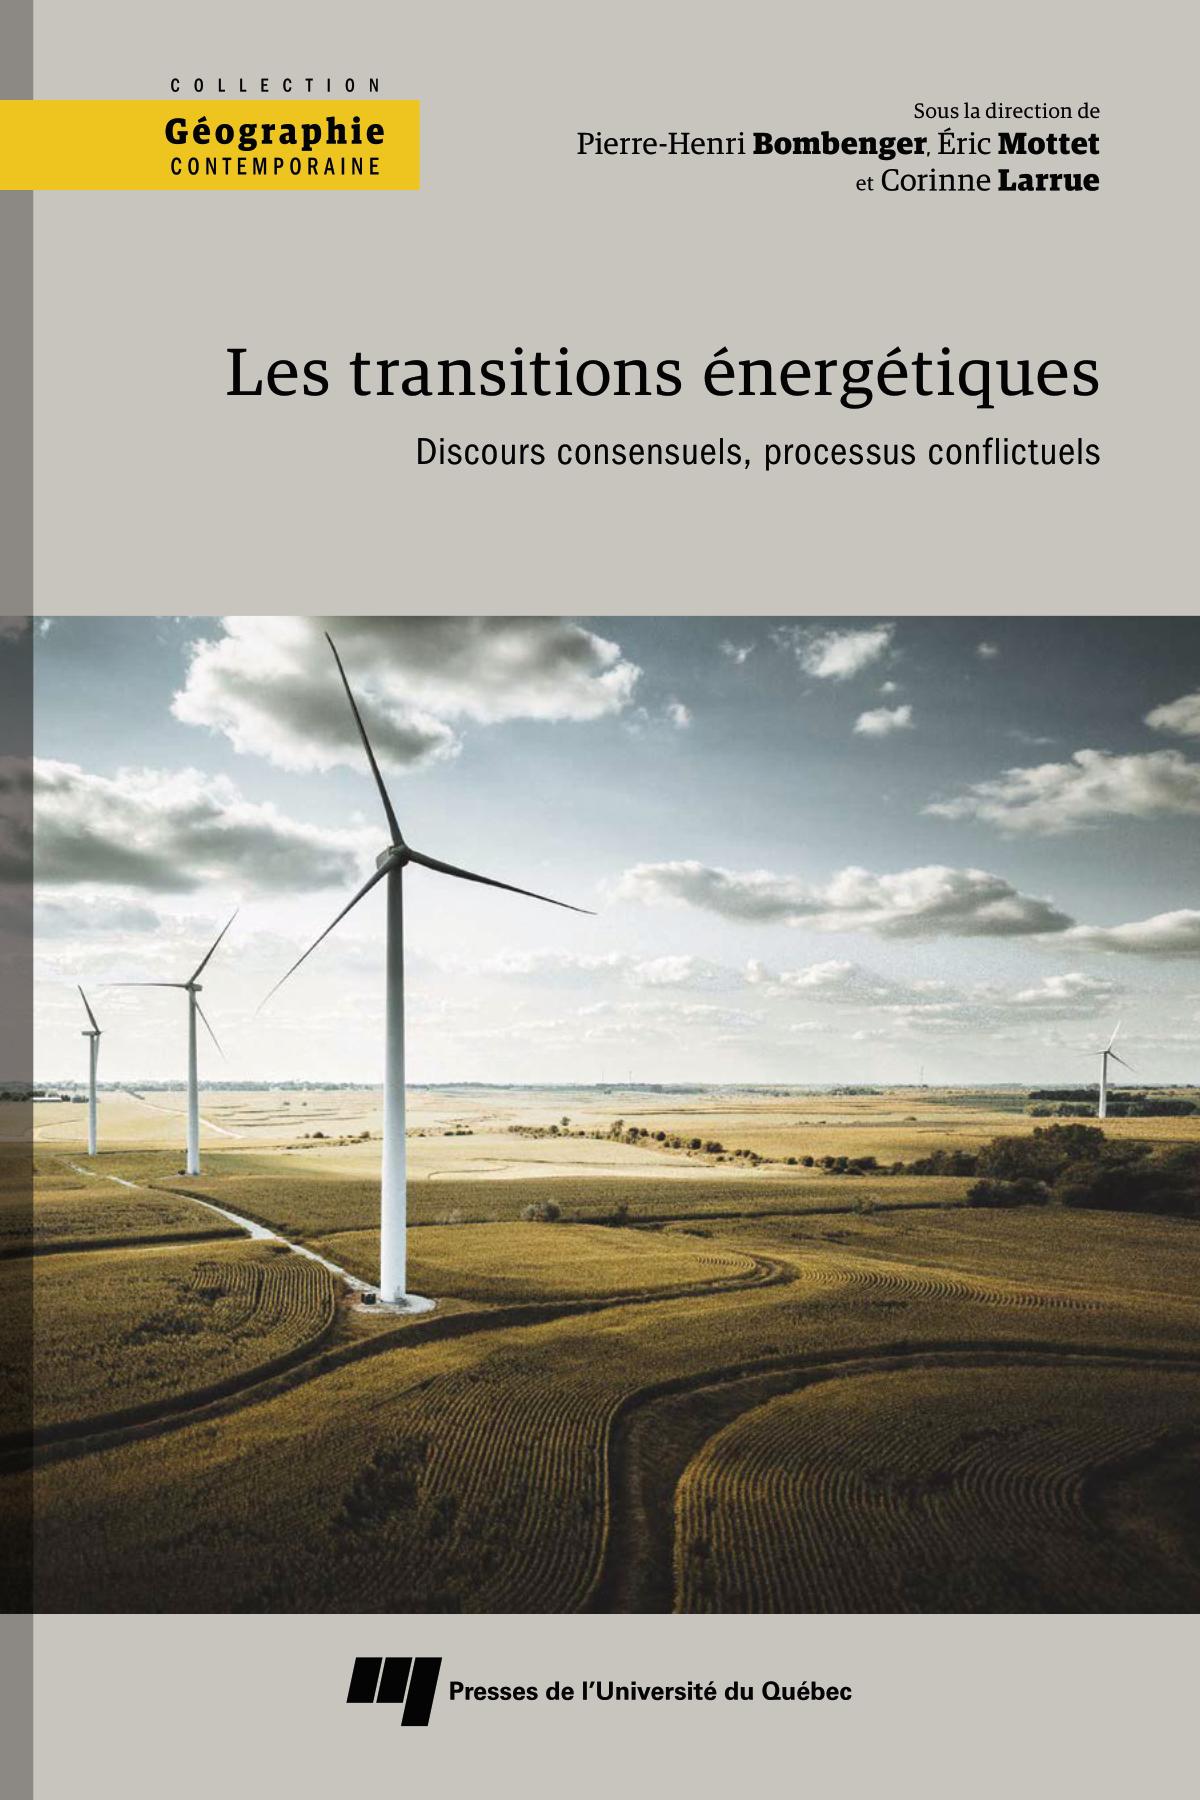 Les transitions énergétiques. Discours consensuels, processus conflictuels